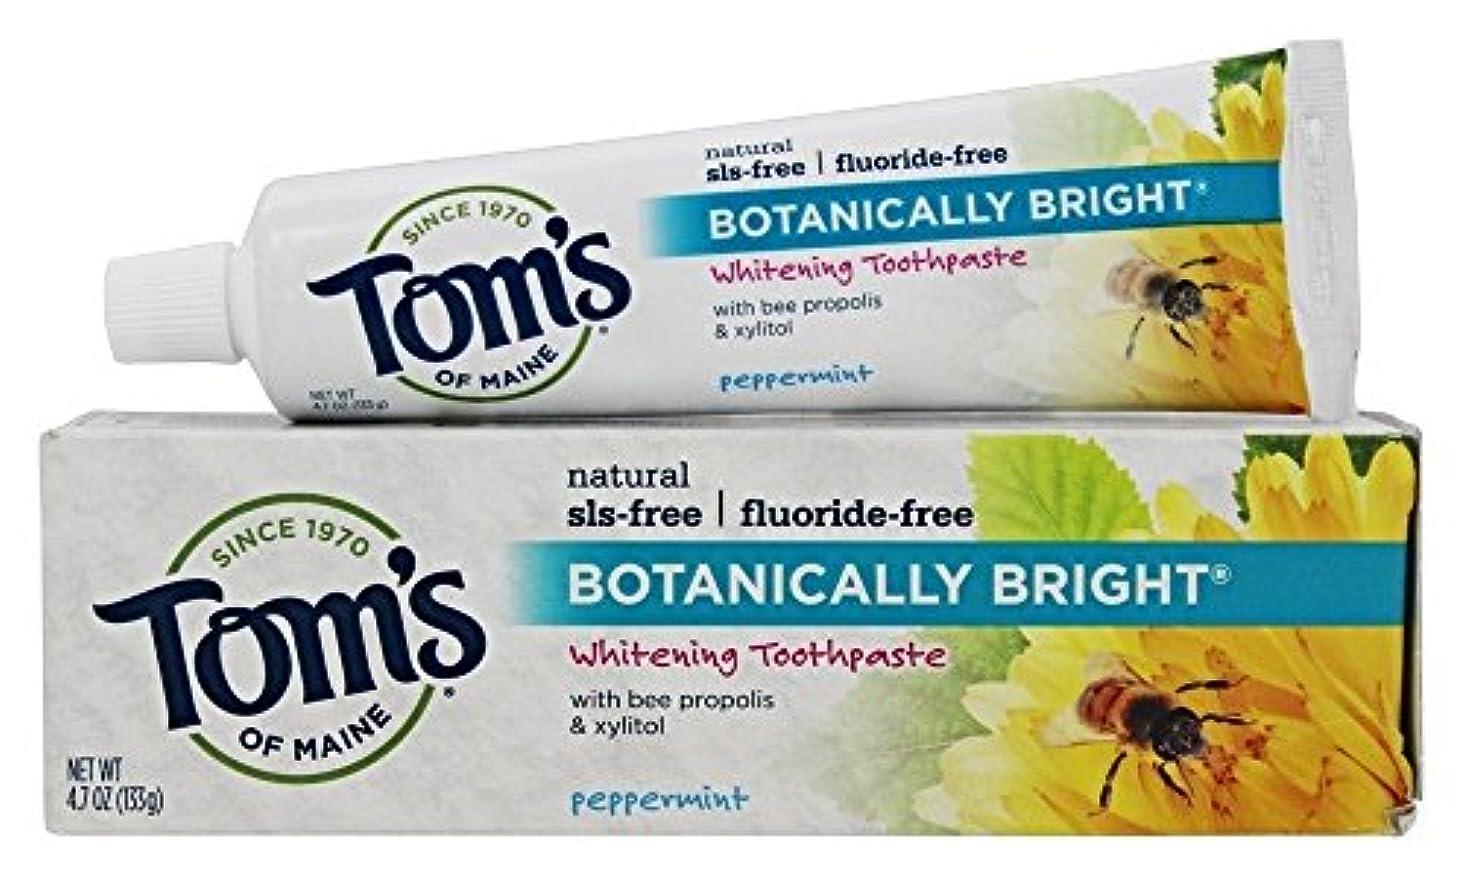 アラバマかび臭いテニスBotanically Bright Whitening Toothpaste Peppermint - 4.7 oz - Case of 6 by Tom's of Maine